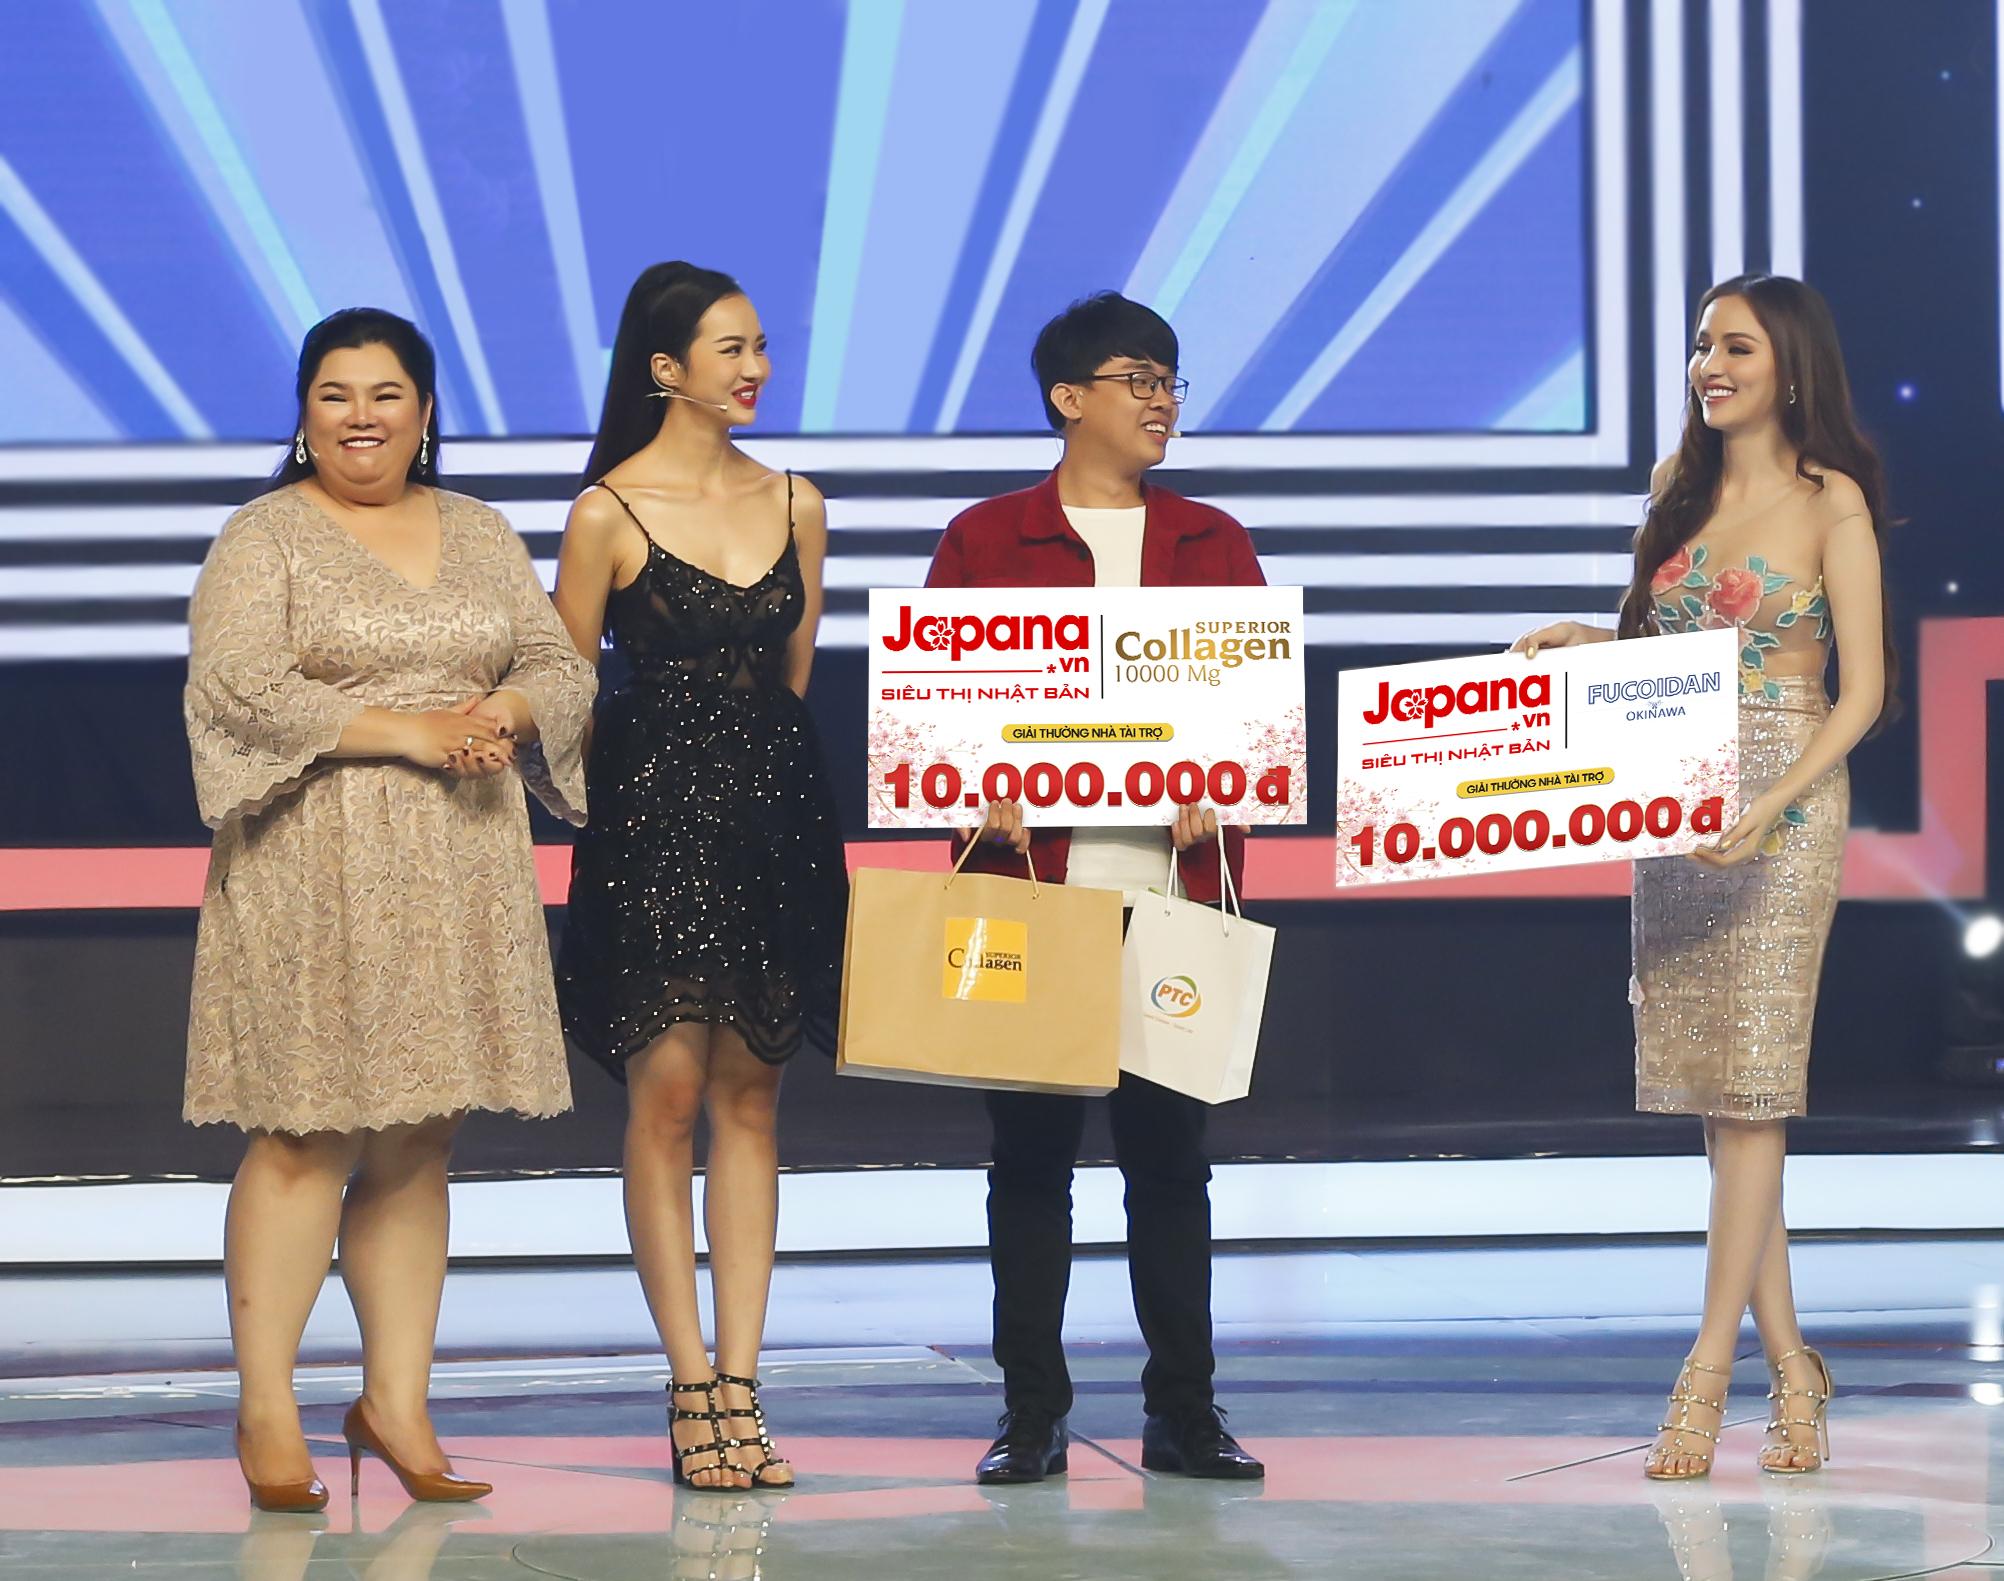 Hoa hậu Diễm Hương, Kiều Ngân và diễn viên Tuyền Mập đã tin dùng sản phẩm của Siêu Thị Nhật Bản Japana